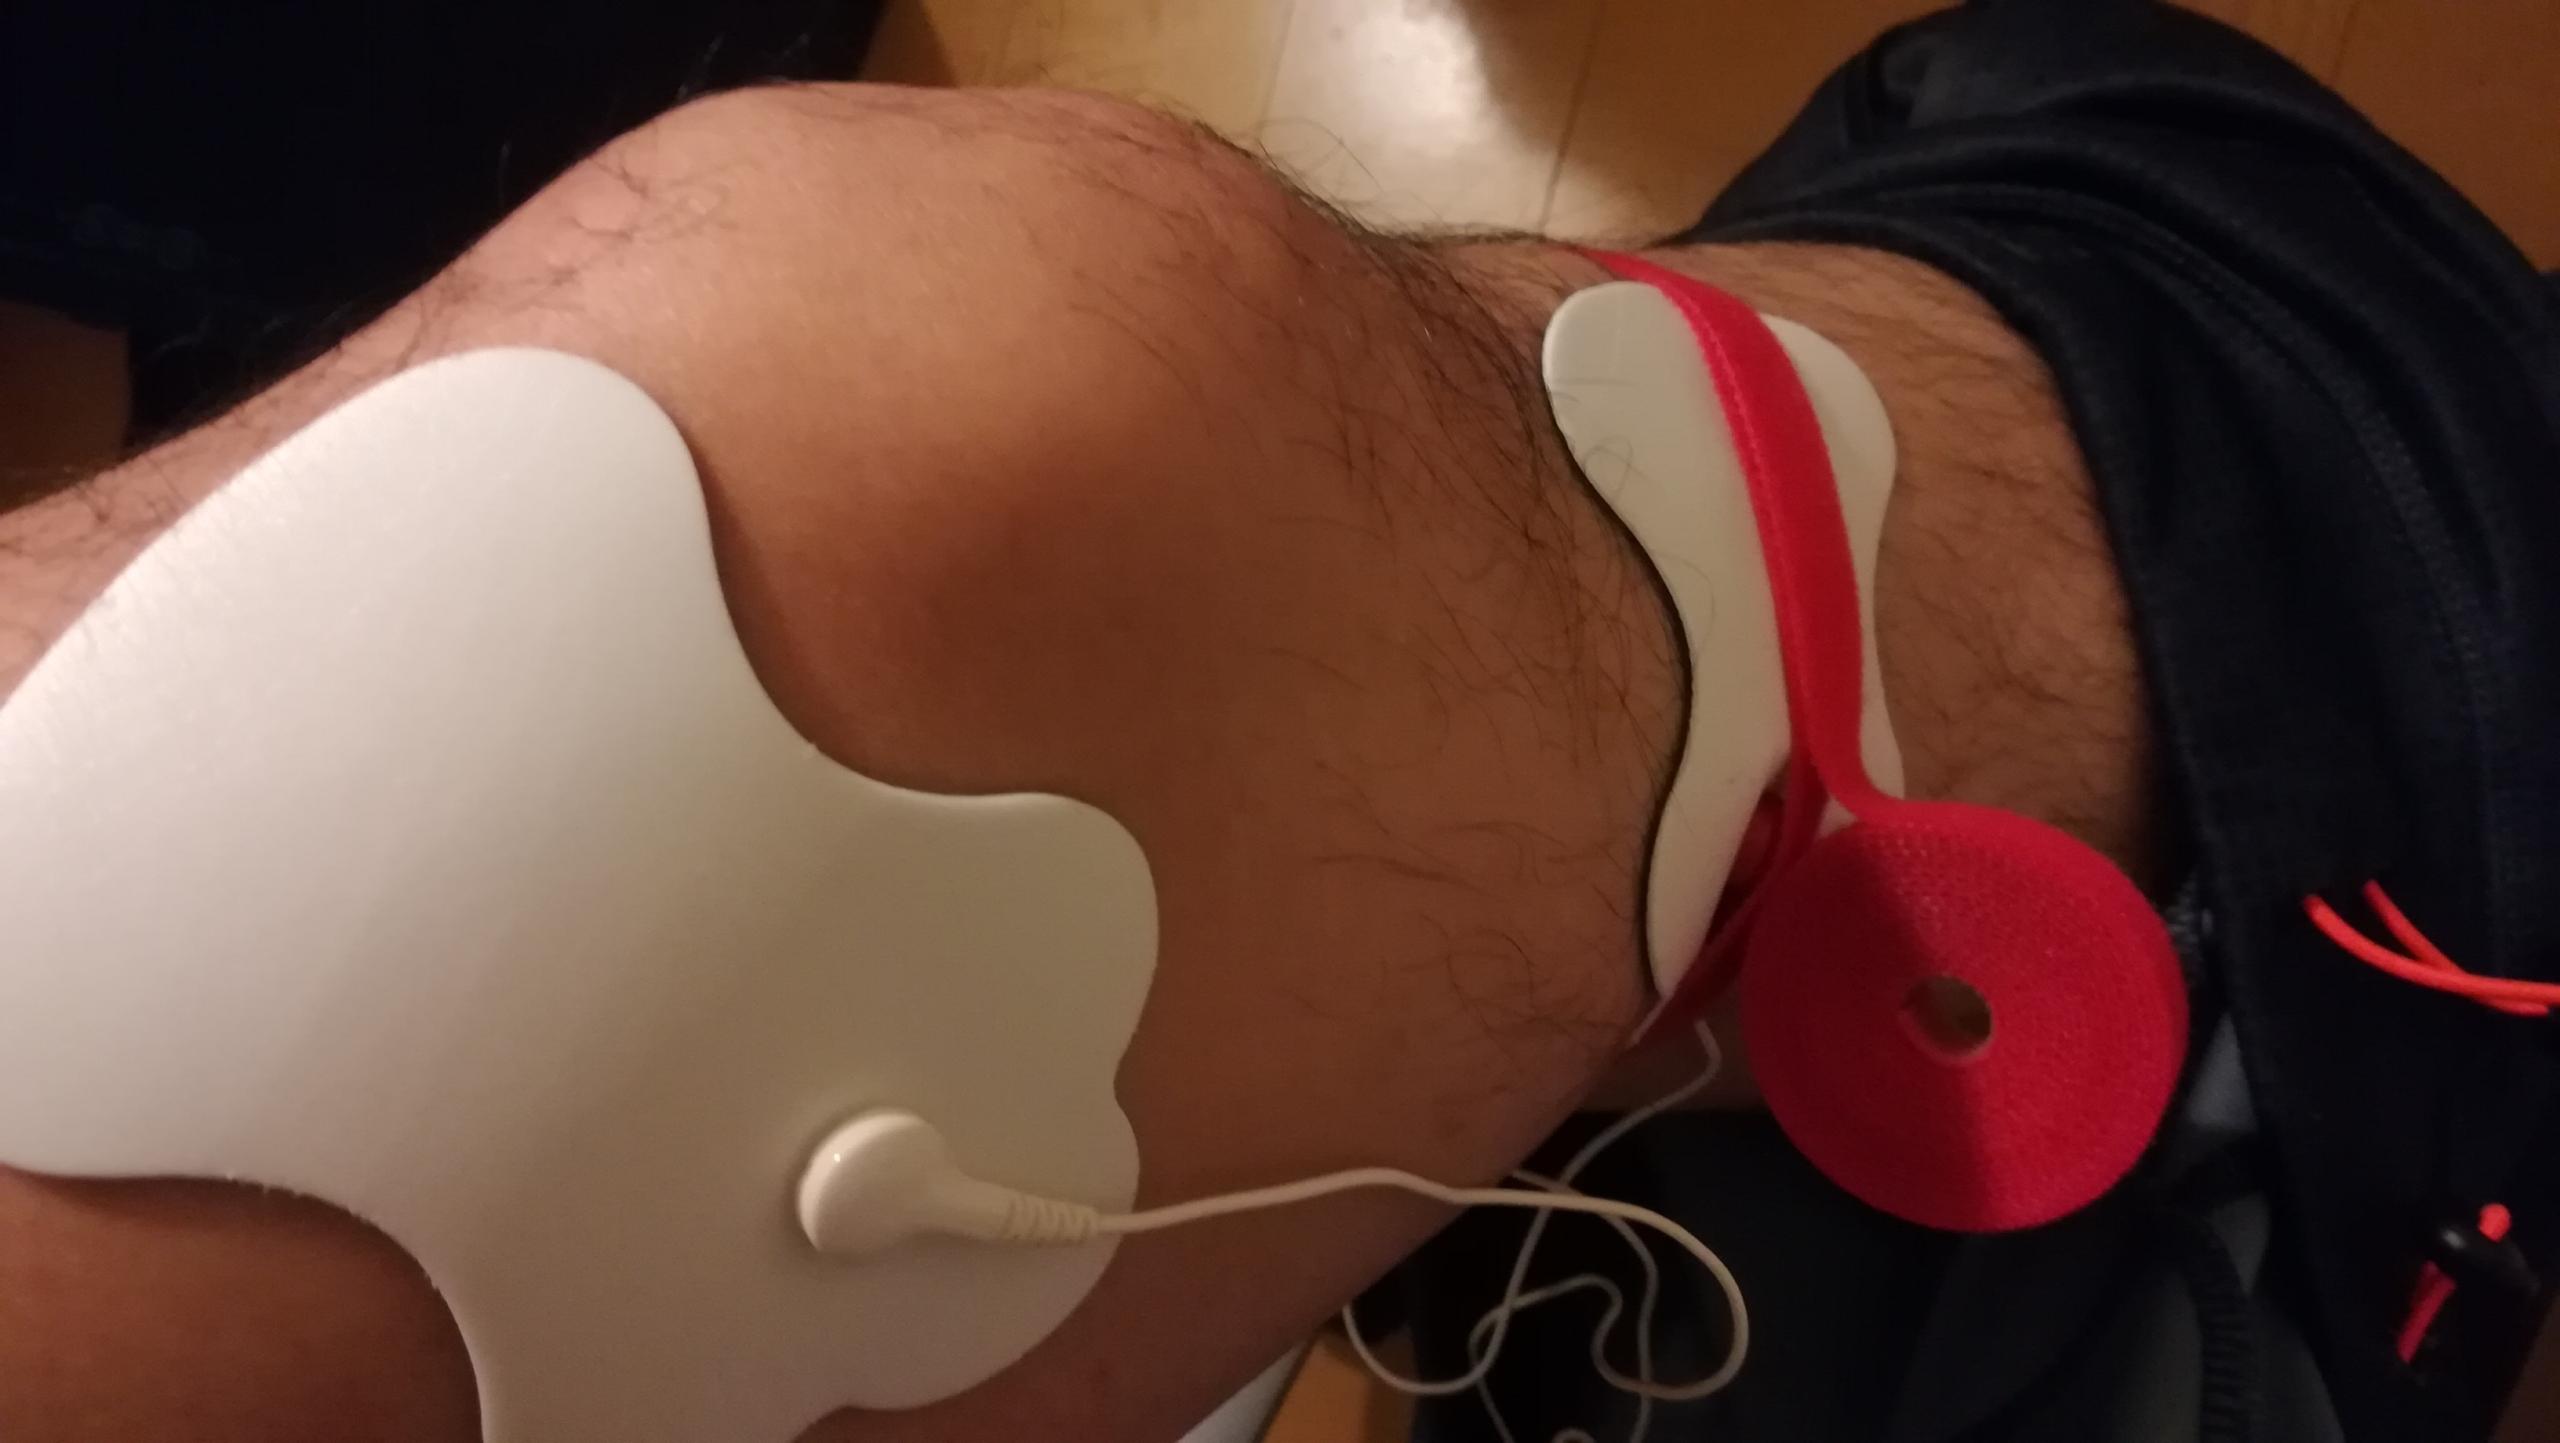 【膝痛緩和に5つの対策】坂道ウォーキングで急に激痛!!鵞足炎?変形性膝関節症?